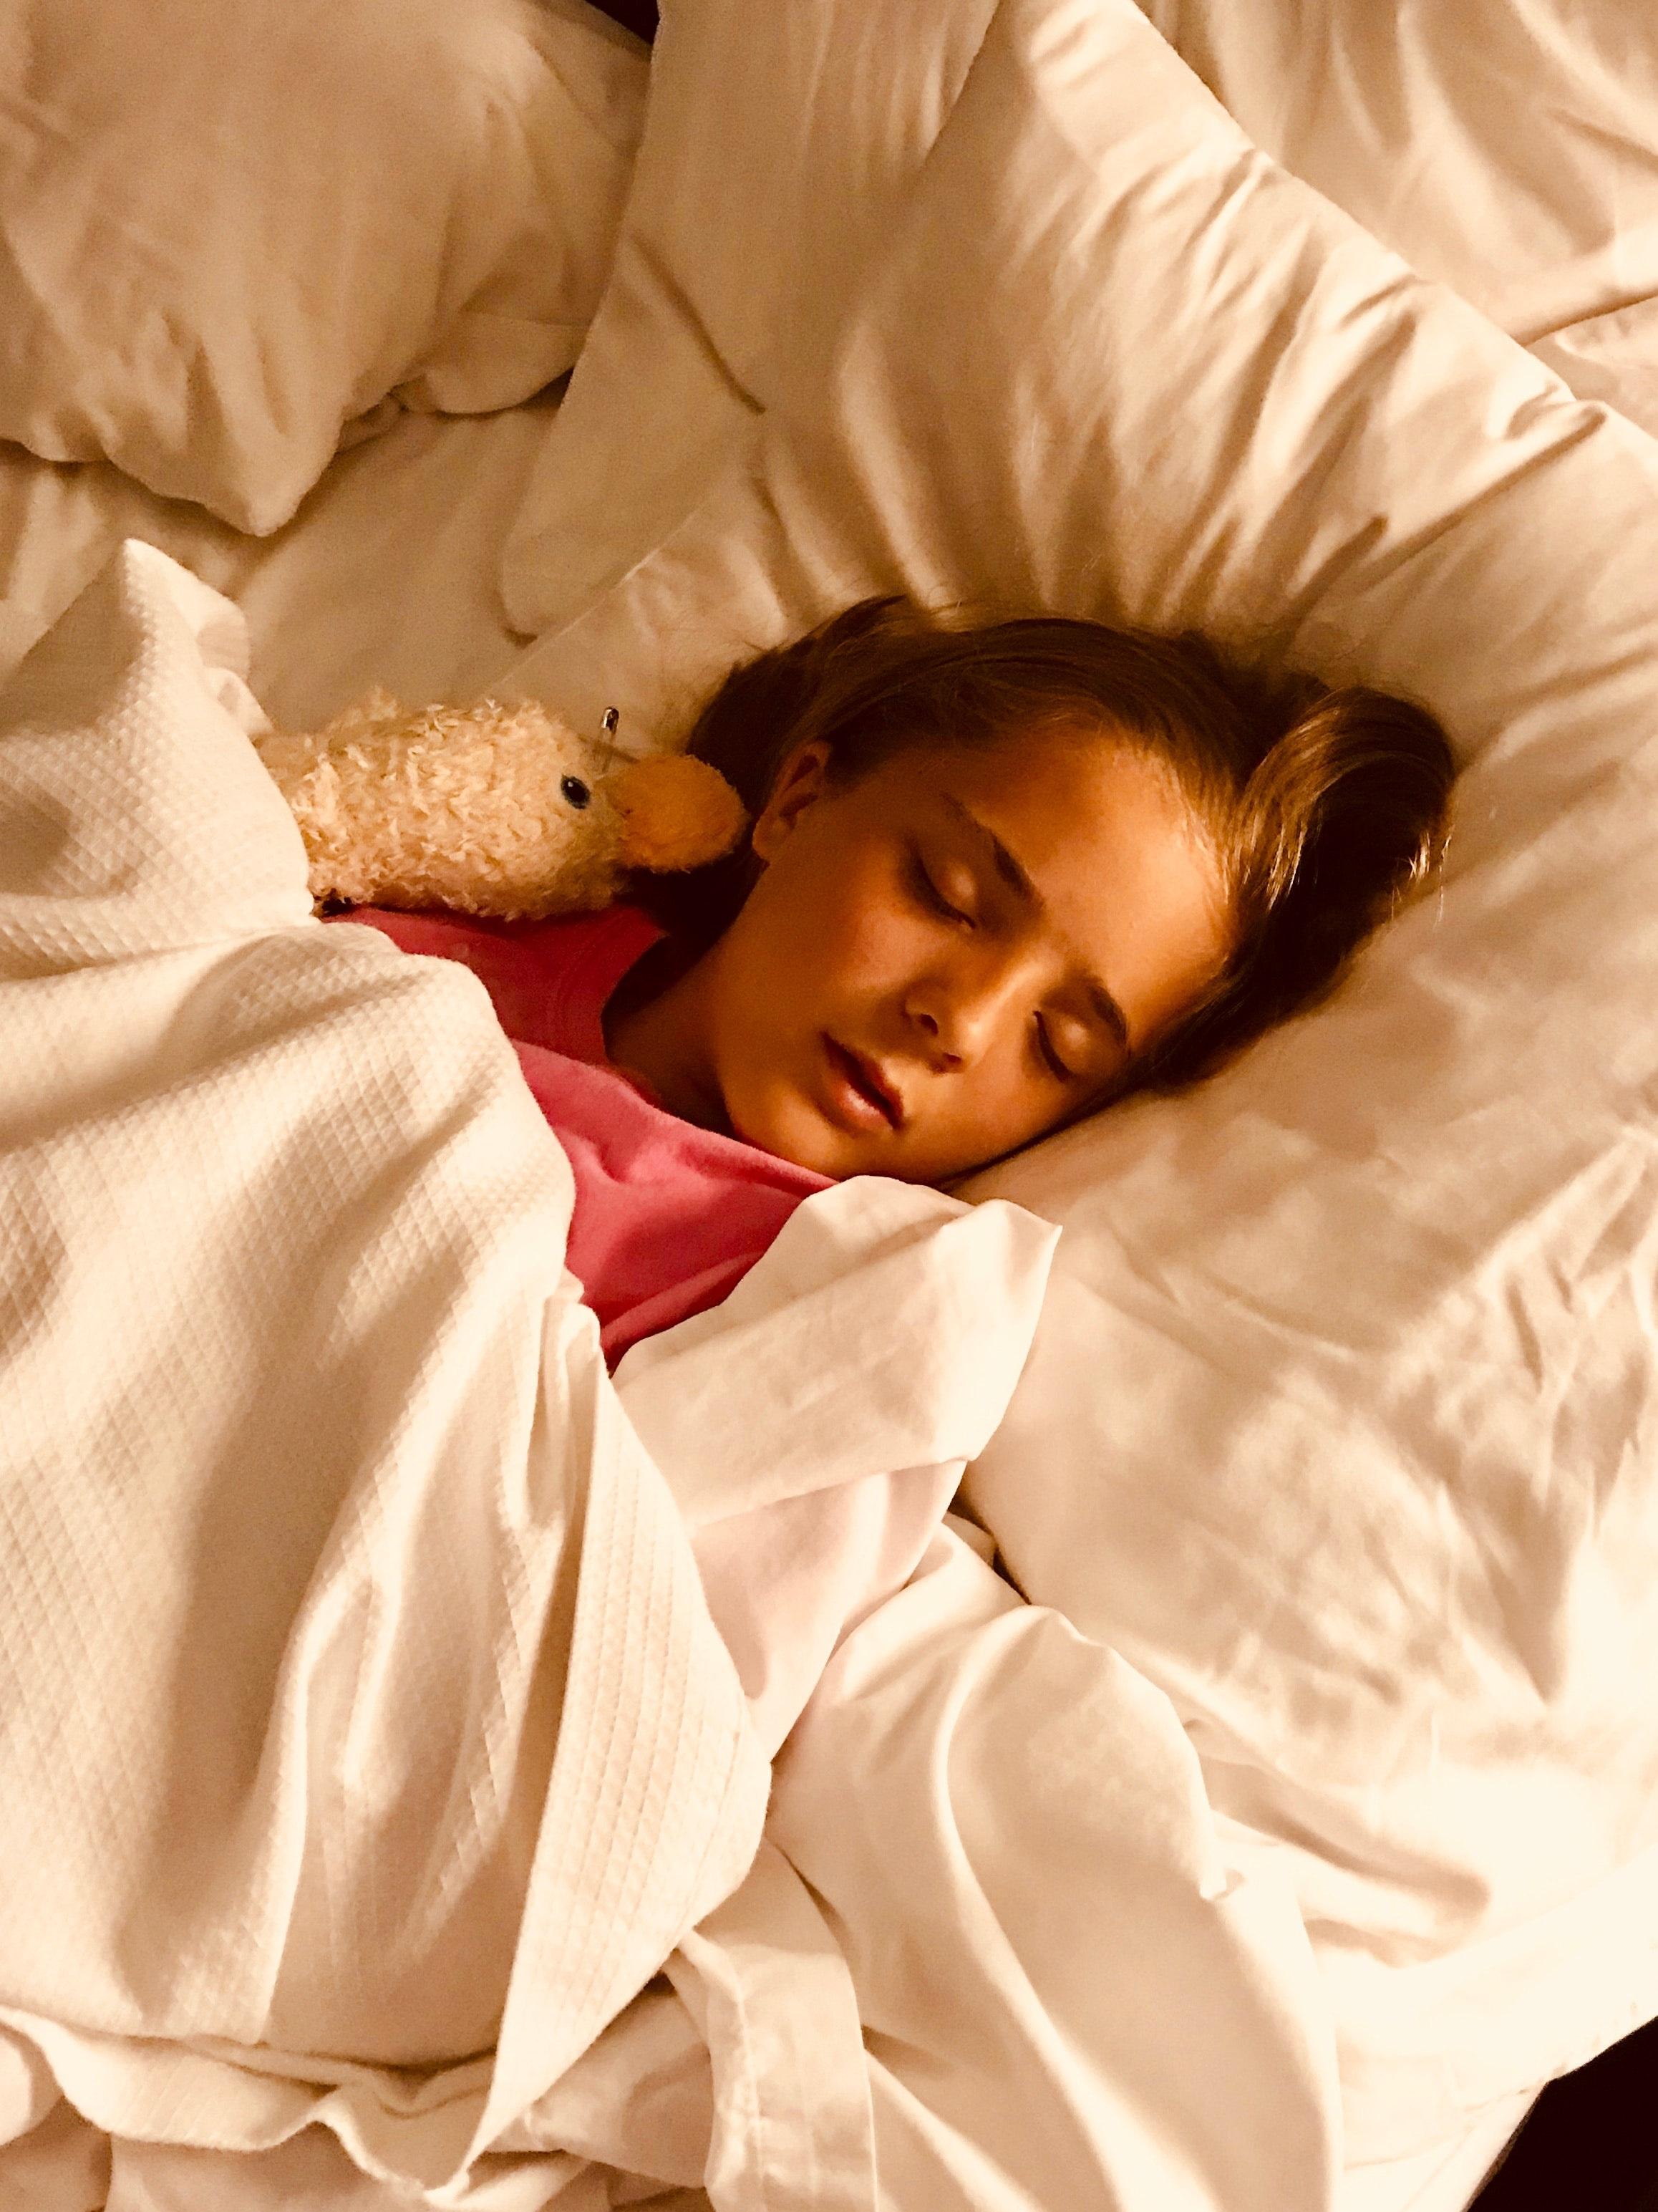 Ongebruikt Zo organiseer je een succesvol slaapfeestje - tipsvoormama.nl GK-75